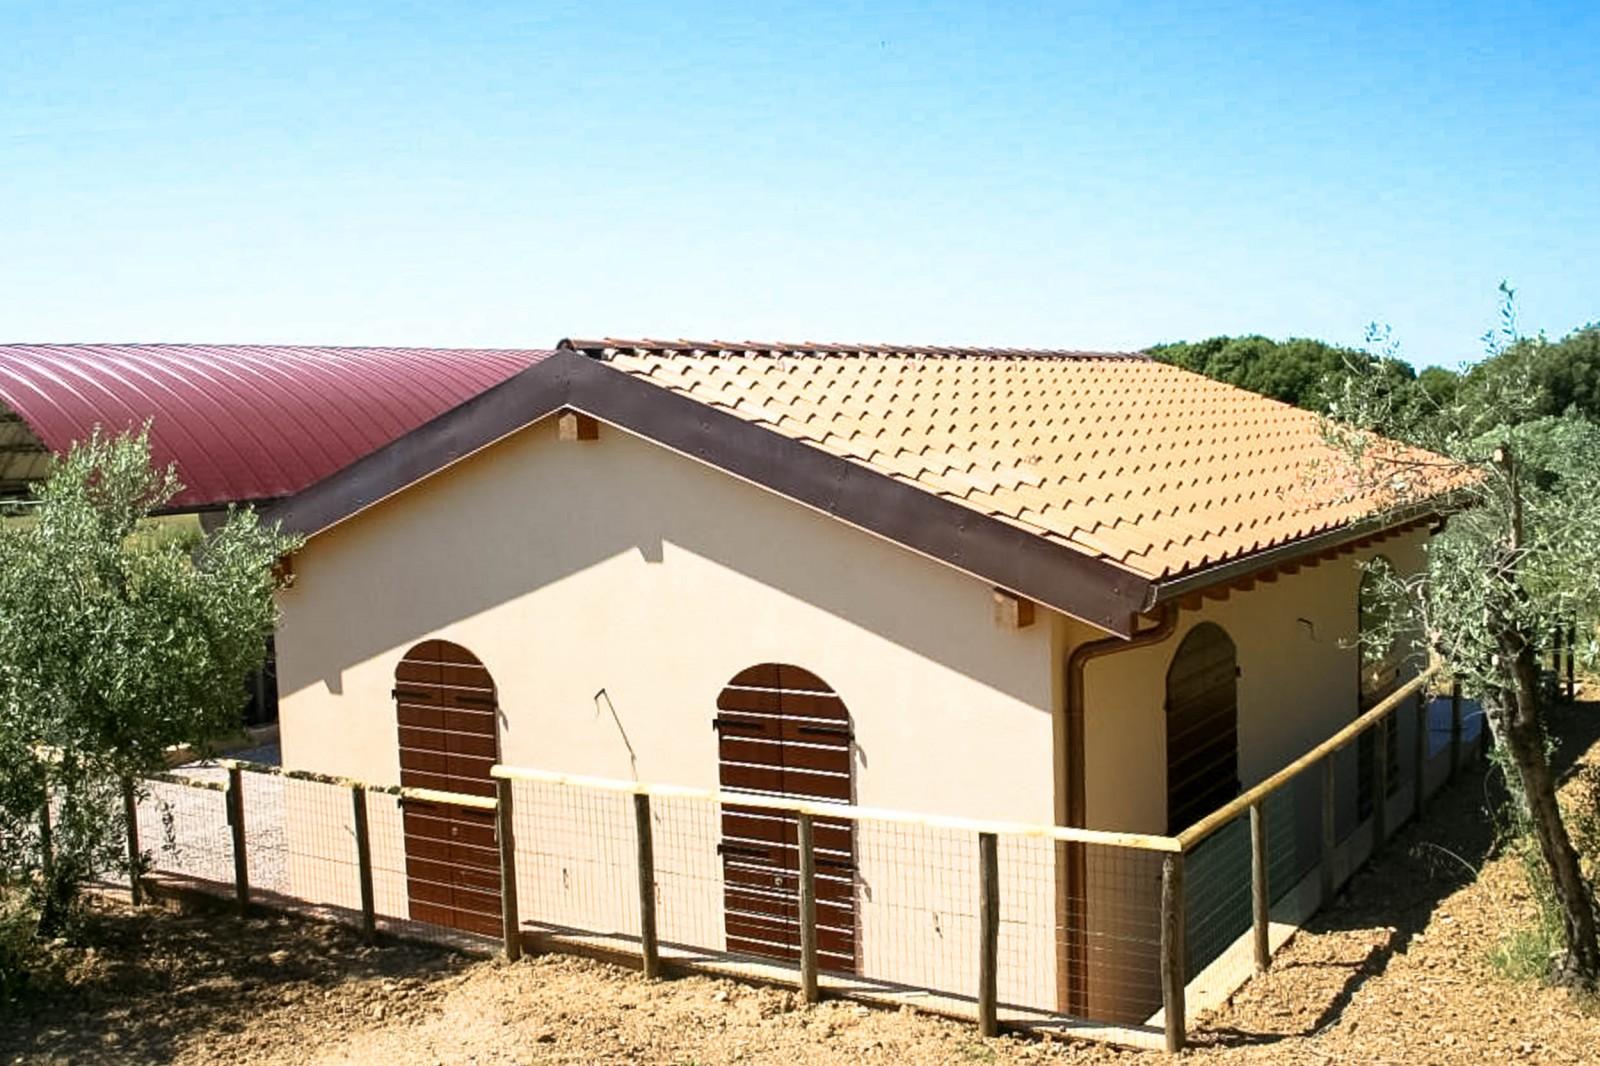 Case prefabbricate in legno il prezzo fisso e certo tecnocomfort case - Casa prefabbricata legno prezzi ...